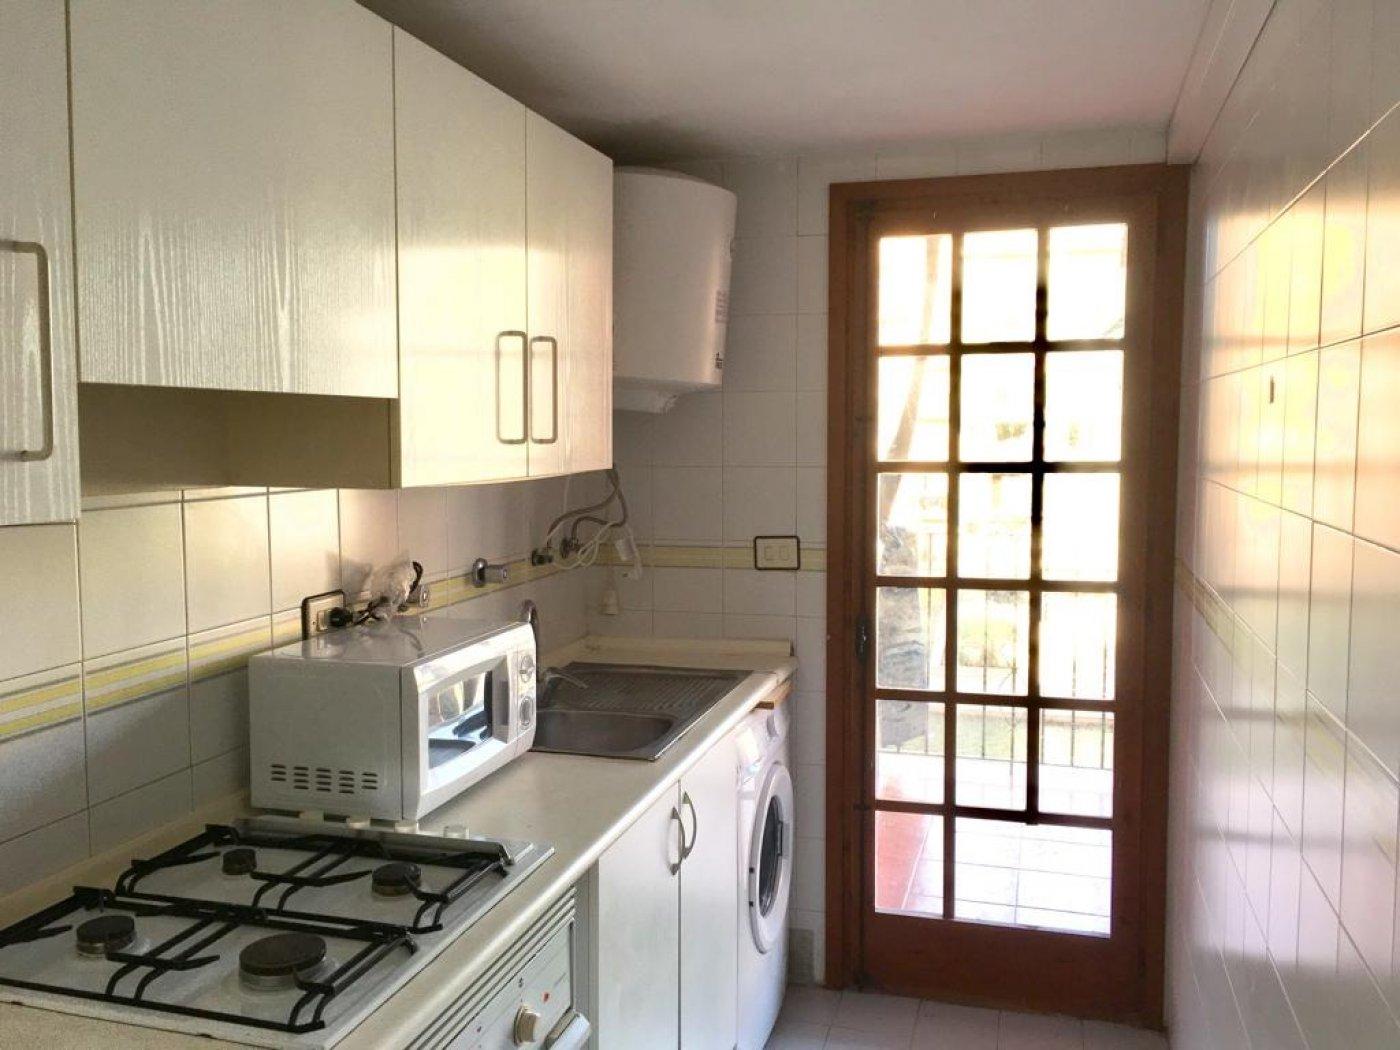 Estupendo apartamento en portsaplaya!!! - imagenInmueble6